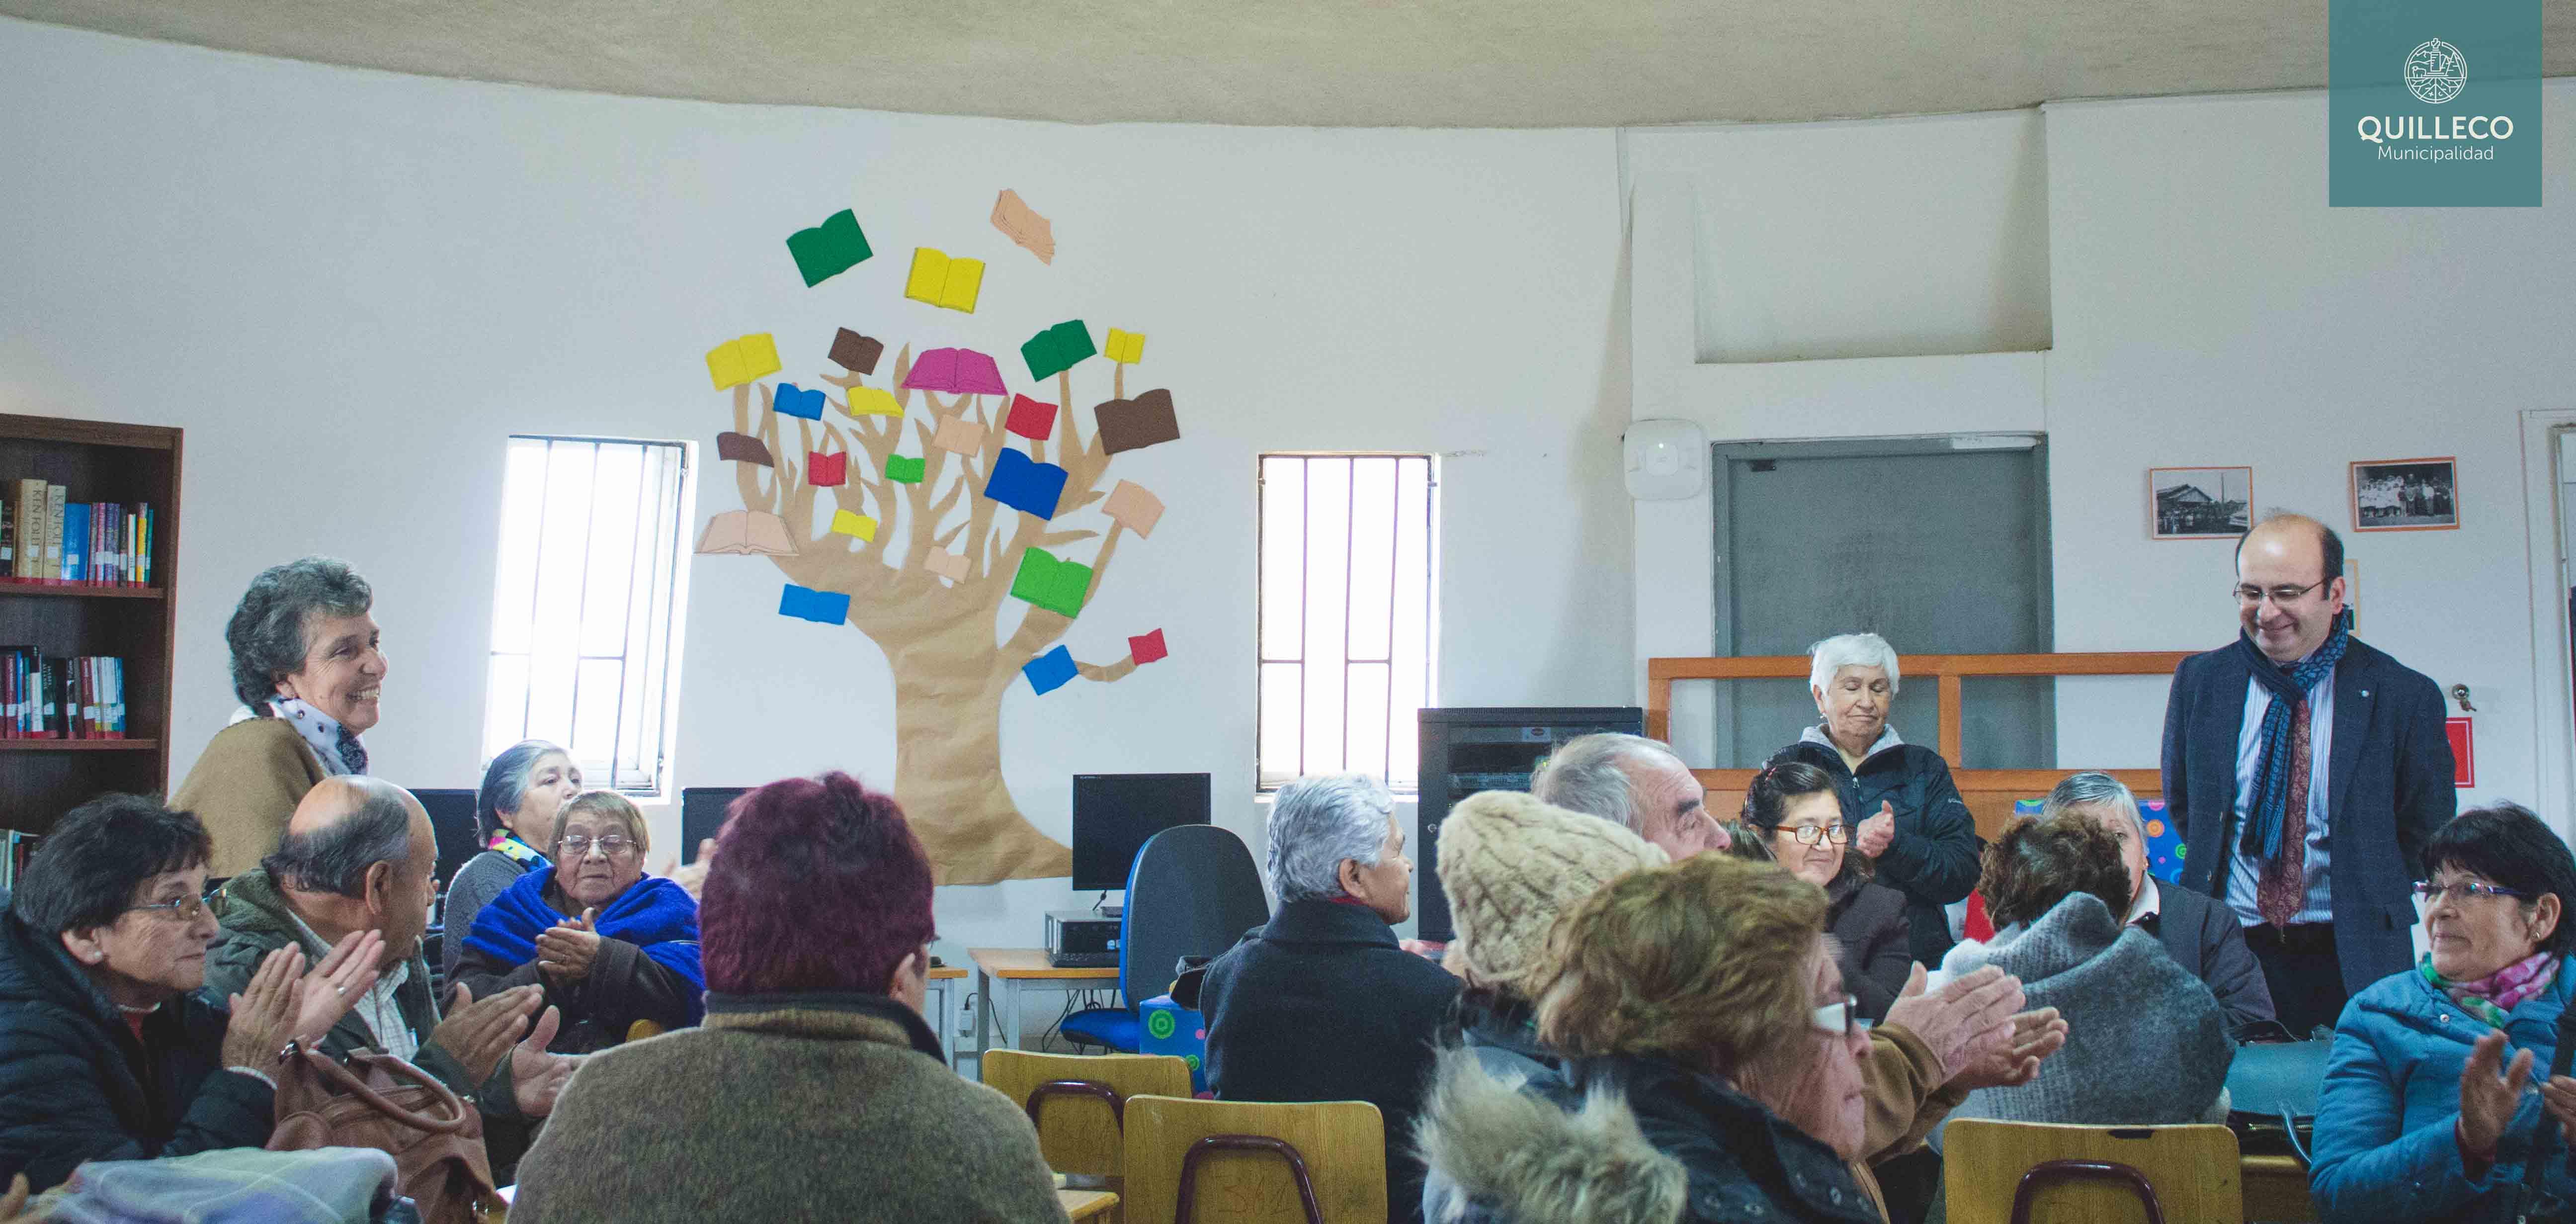 Reunión de la Unión Comunal de Adultos Mayores contó con la presencia de la primera autoridad comunal.